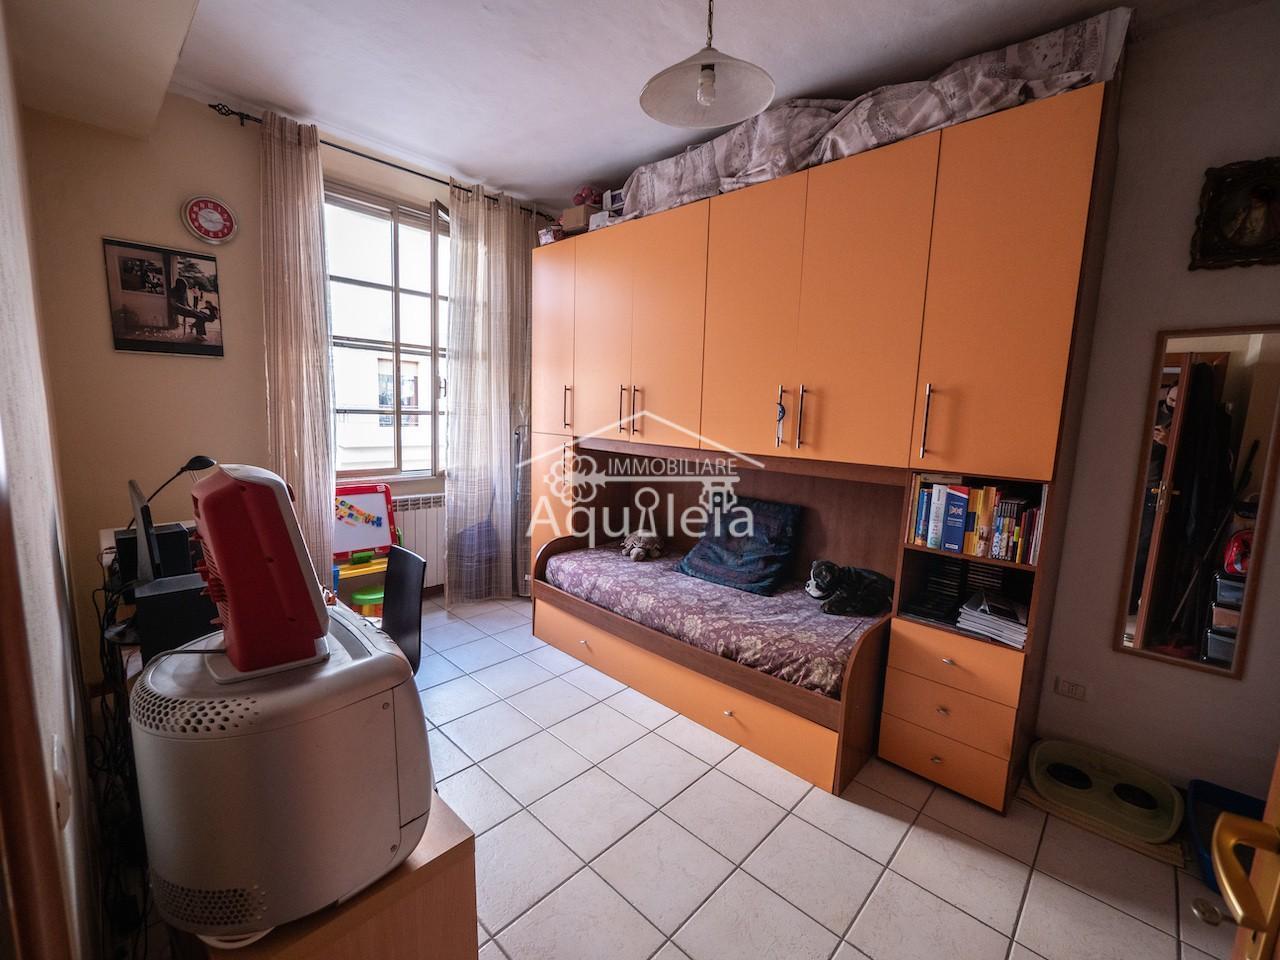 Appartamento in vendita, rif. AQ 1887